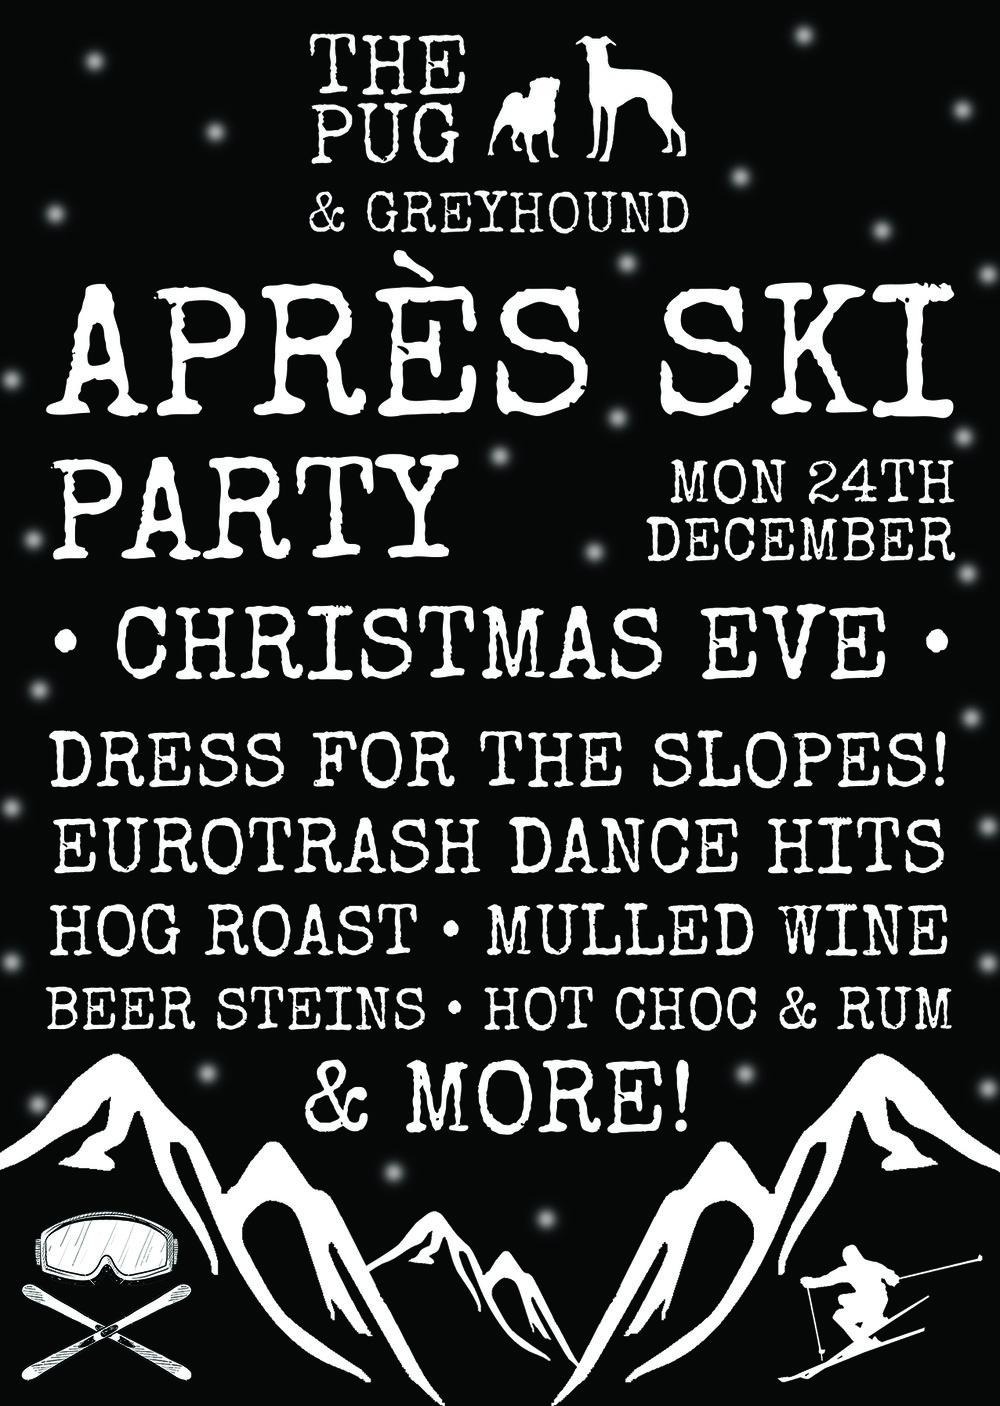 apres ski.jpg